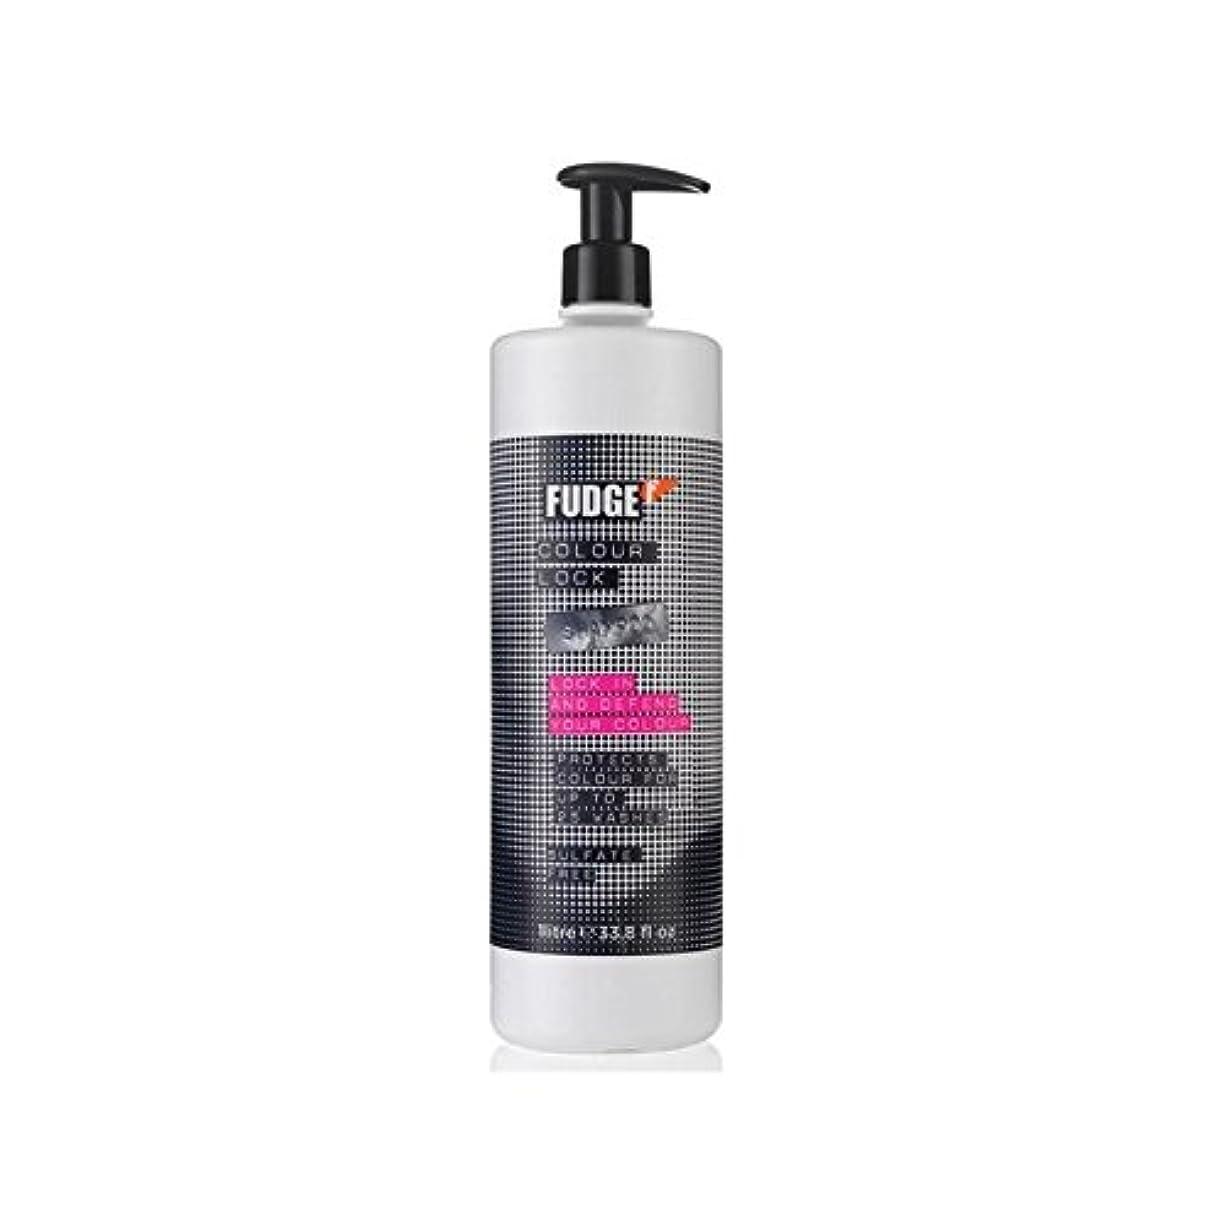 音楽を聴く過激派ジャンルFudge Colour Lock Shampoo (1000ml) - ファッジ色ロックシャンプー(千ミリリットル) [並行輸入品]